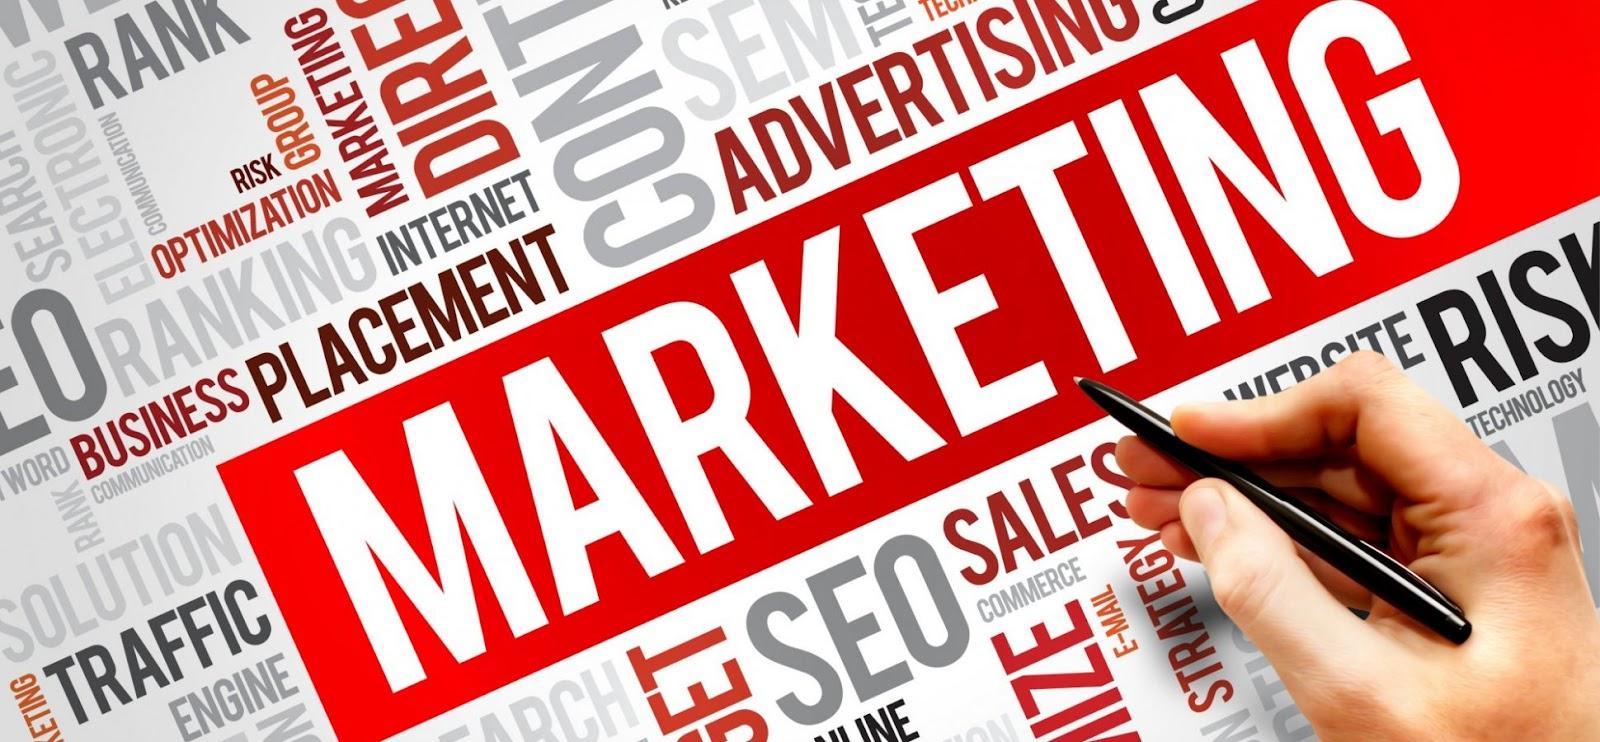 Sự khác biệt giữa social marketing và commercial marketing (cre: Thiết kế website)